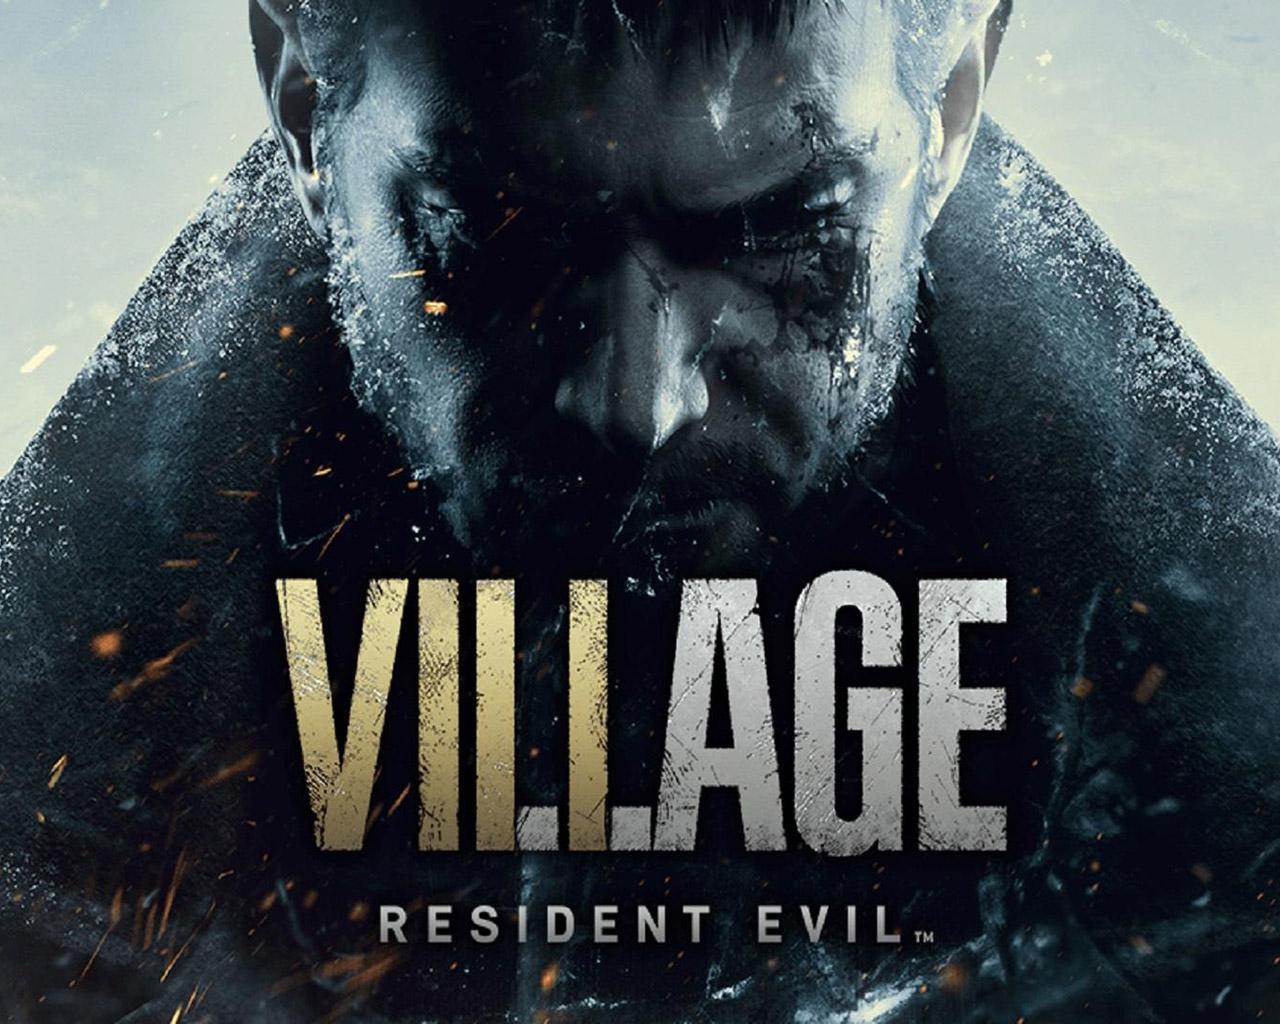 Resident Evil Village Wallpaper in 1280x1024